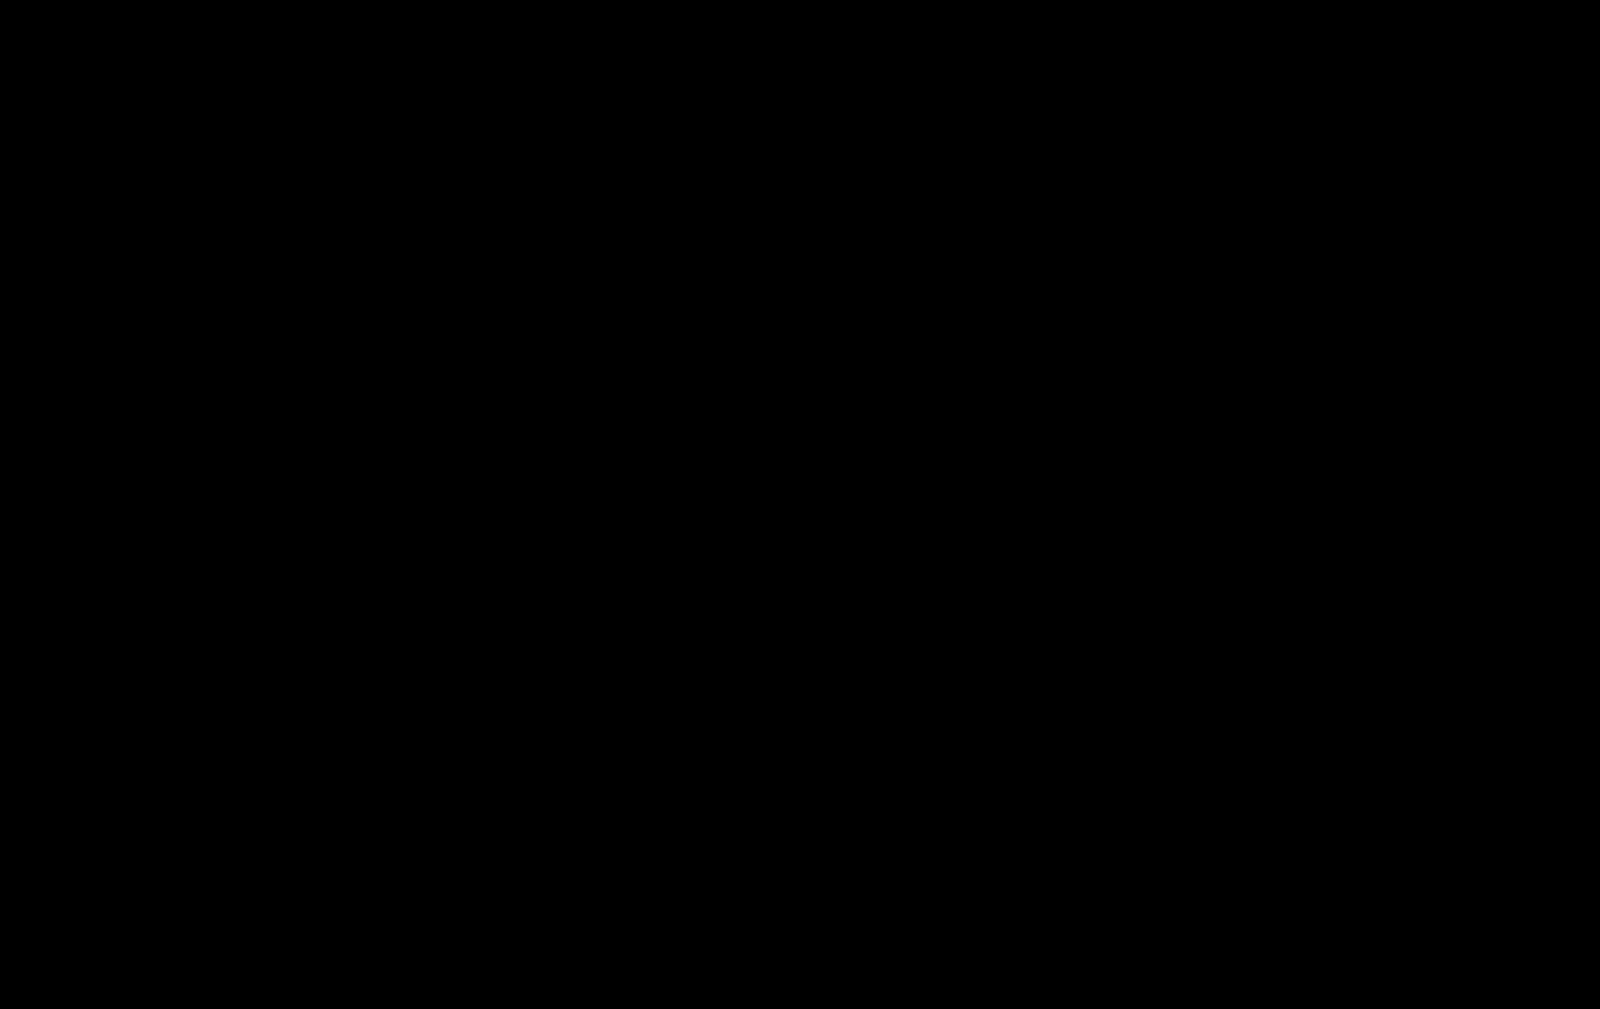 مخطوطات اللهم صل على محمد 7